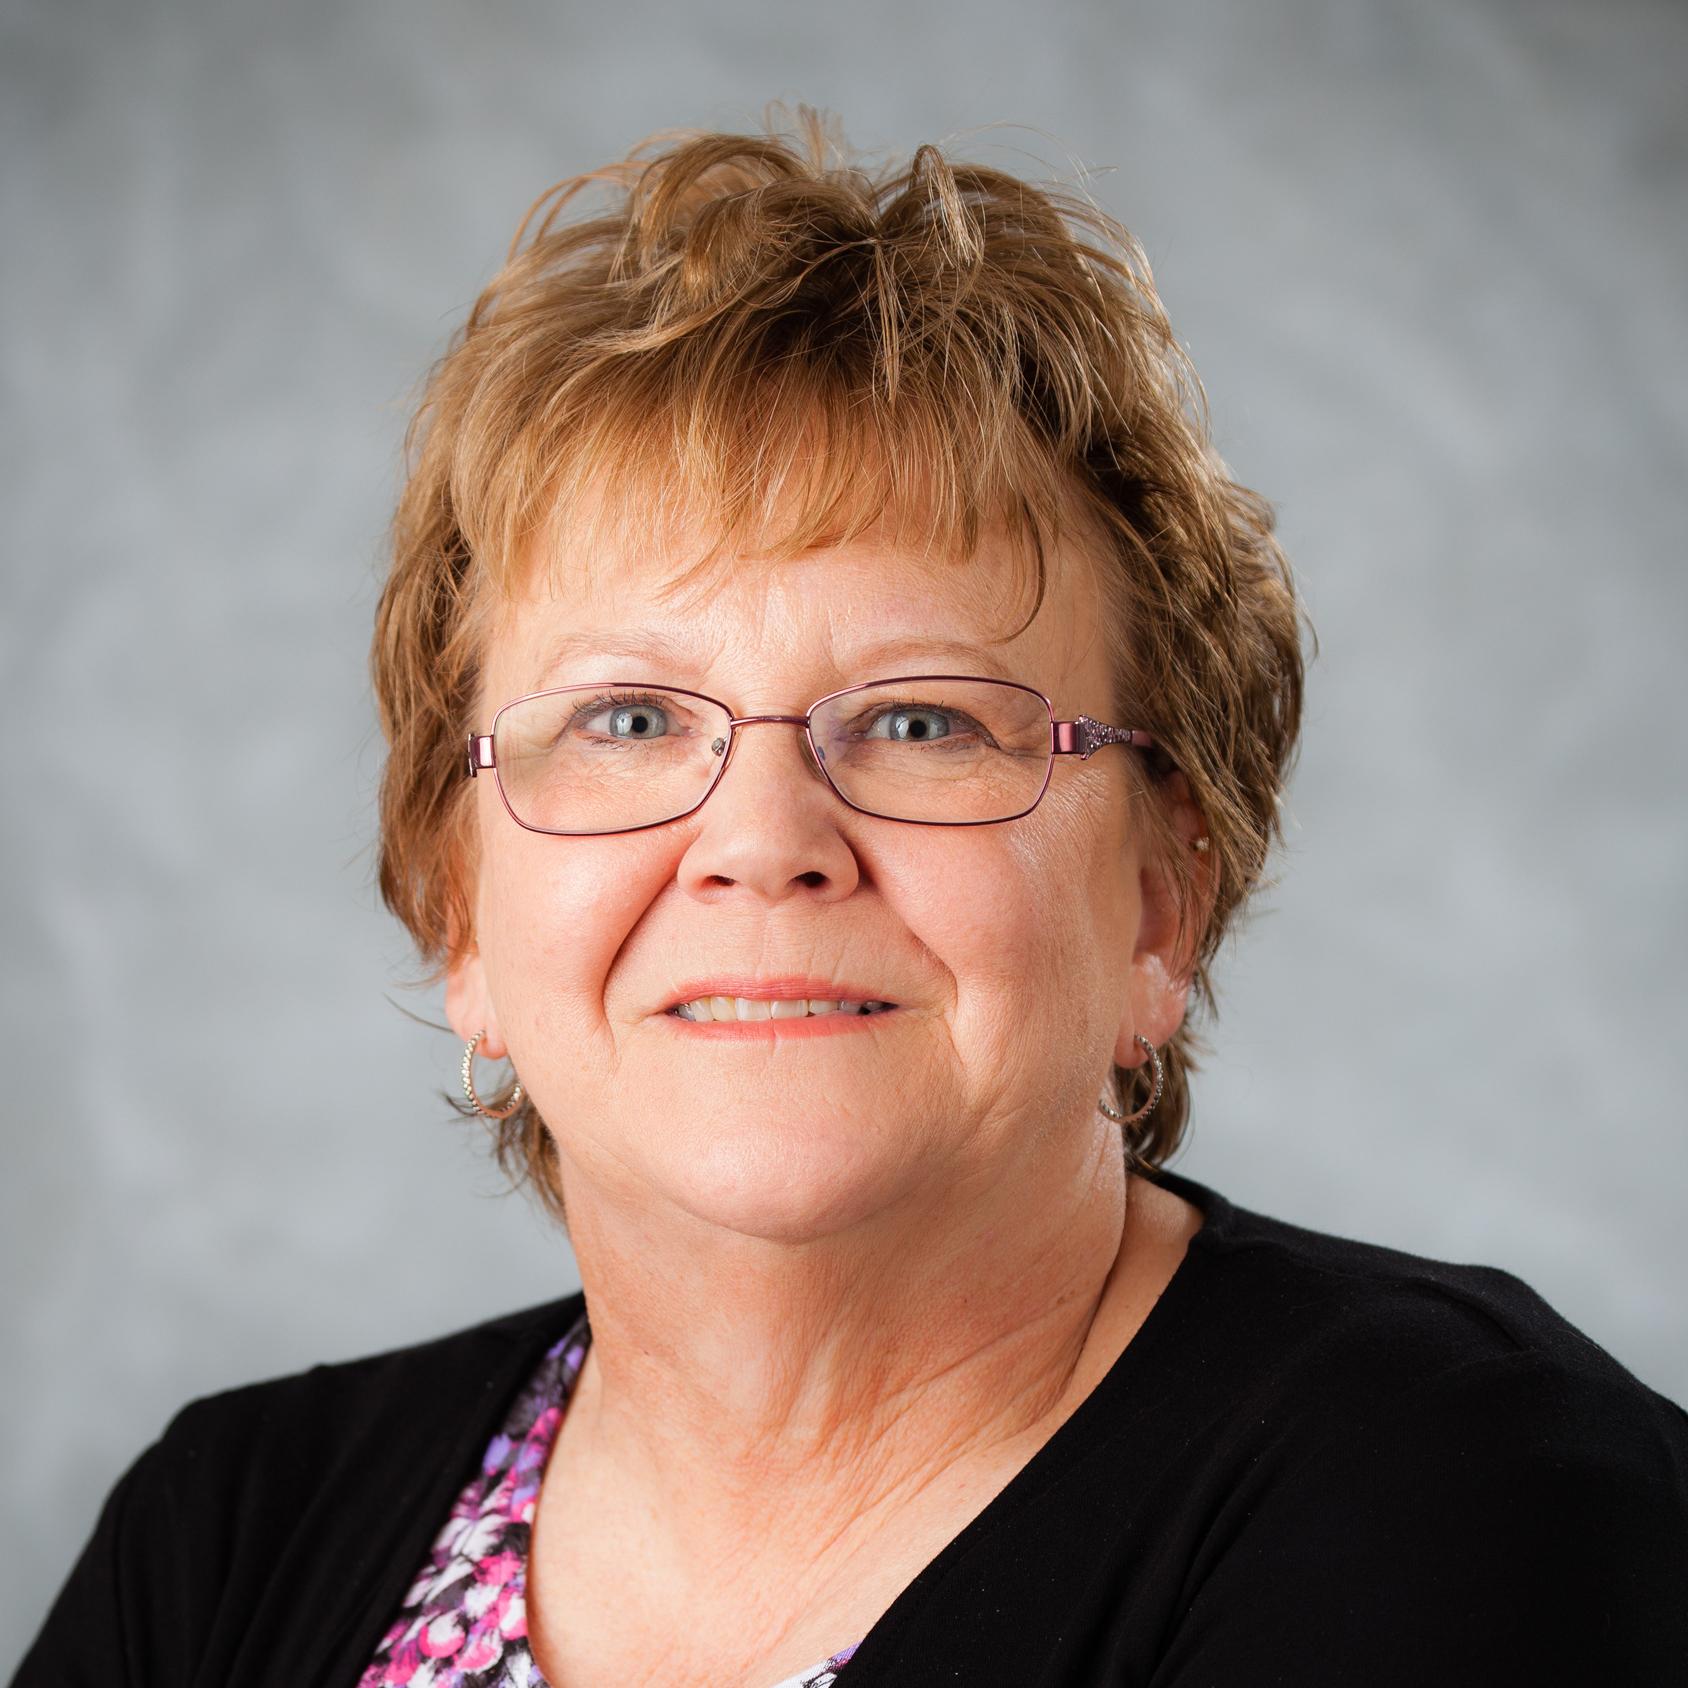 Kathy Smith, FNP